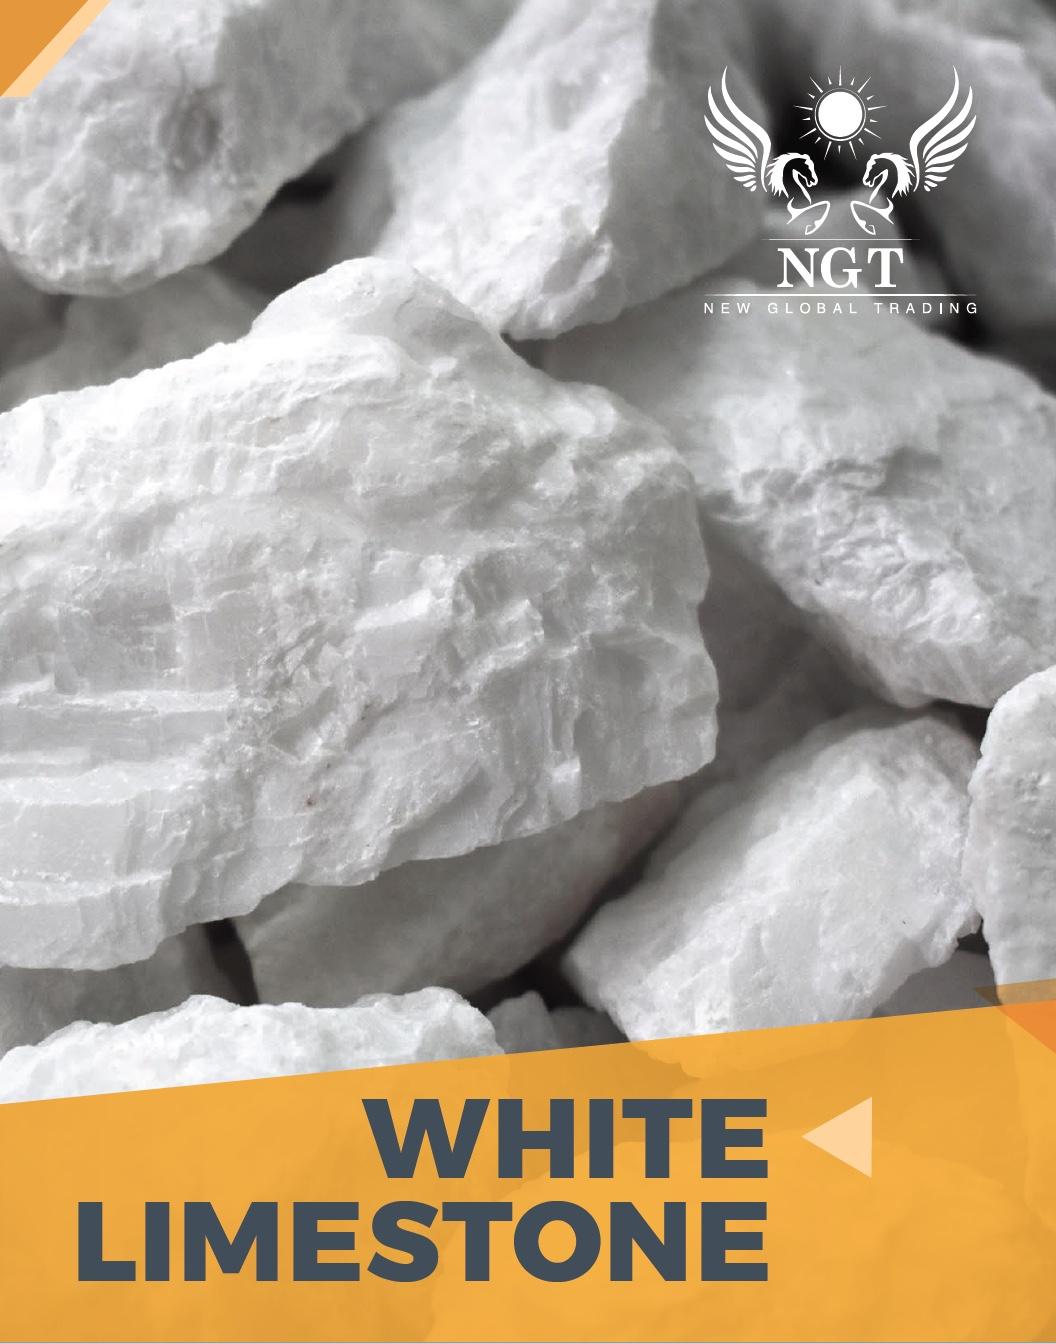 Downloads for White Limestone